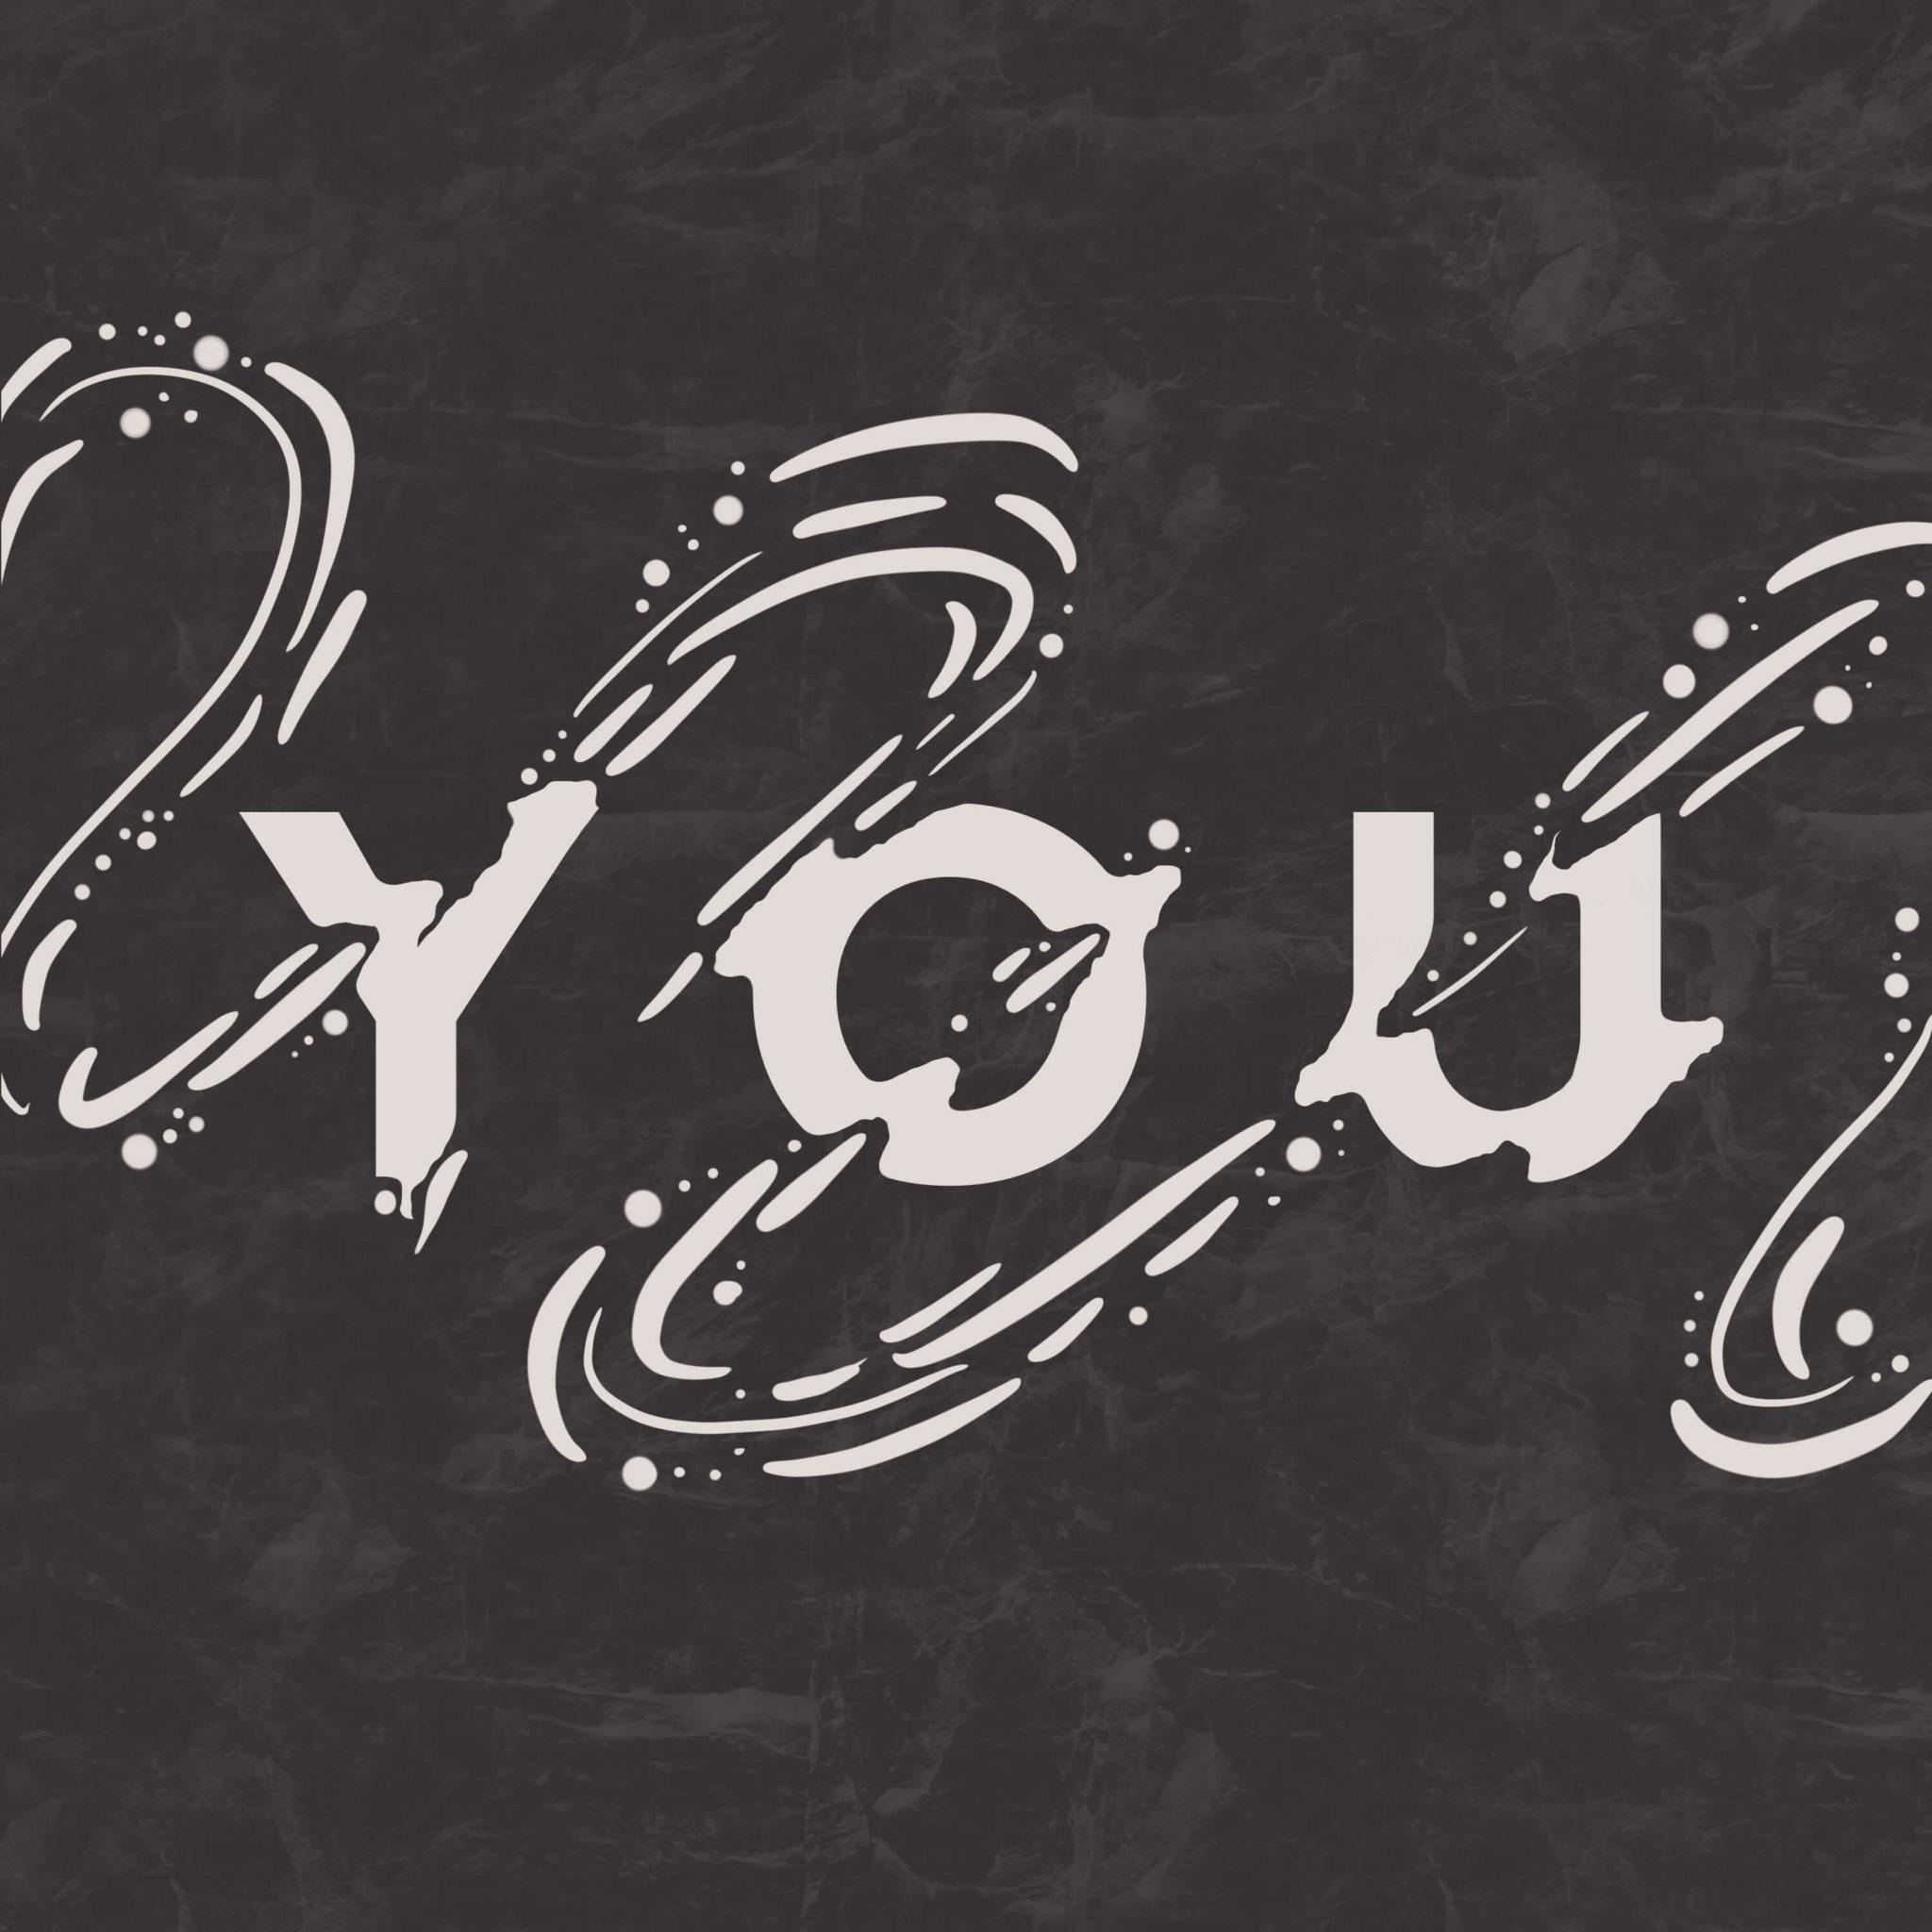 You are Magic - Carose Le